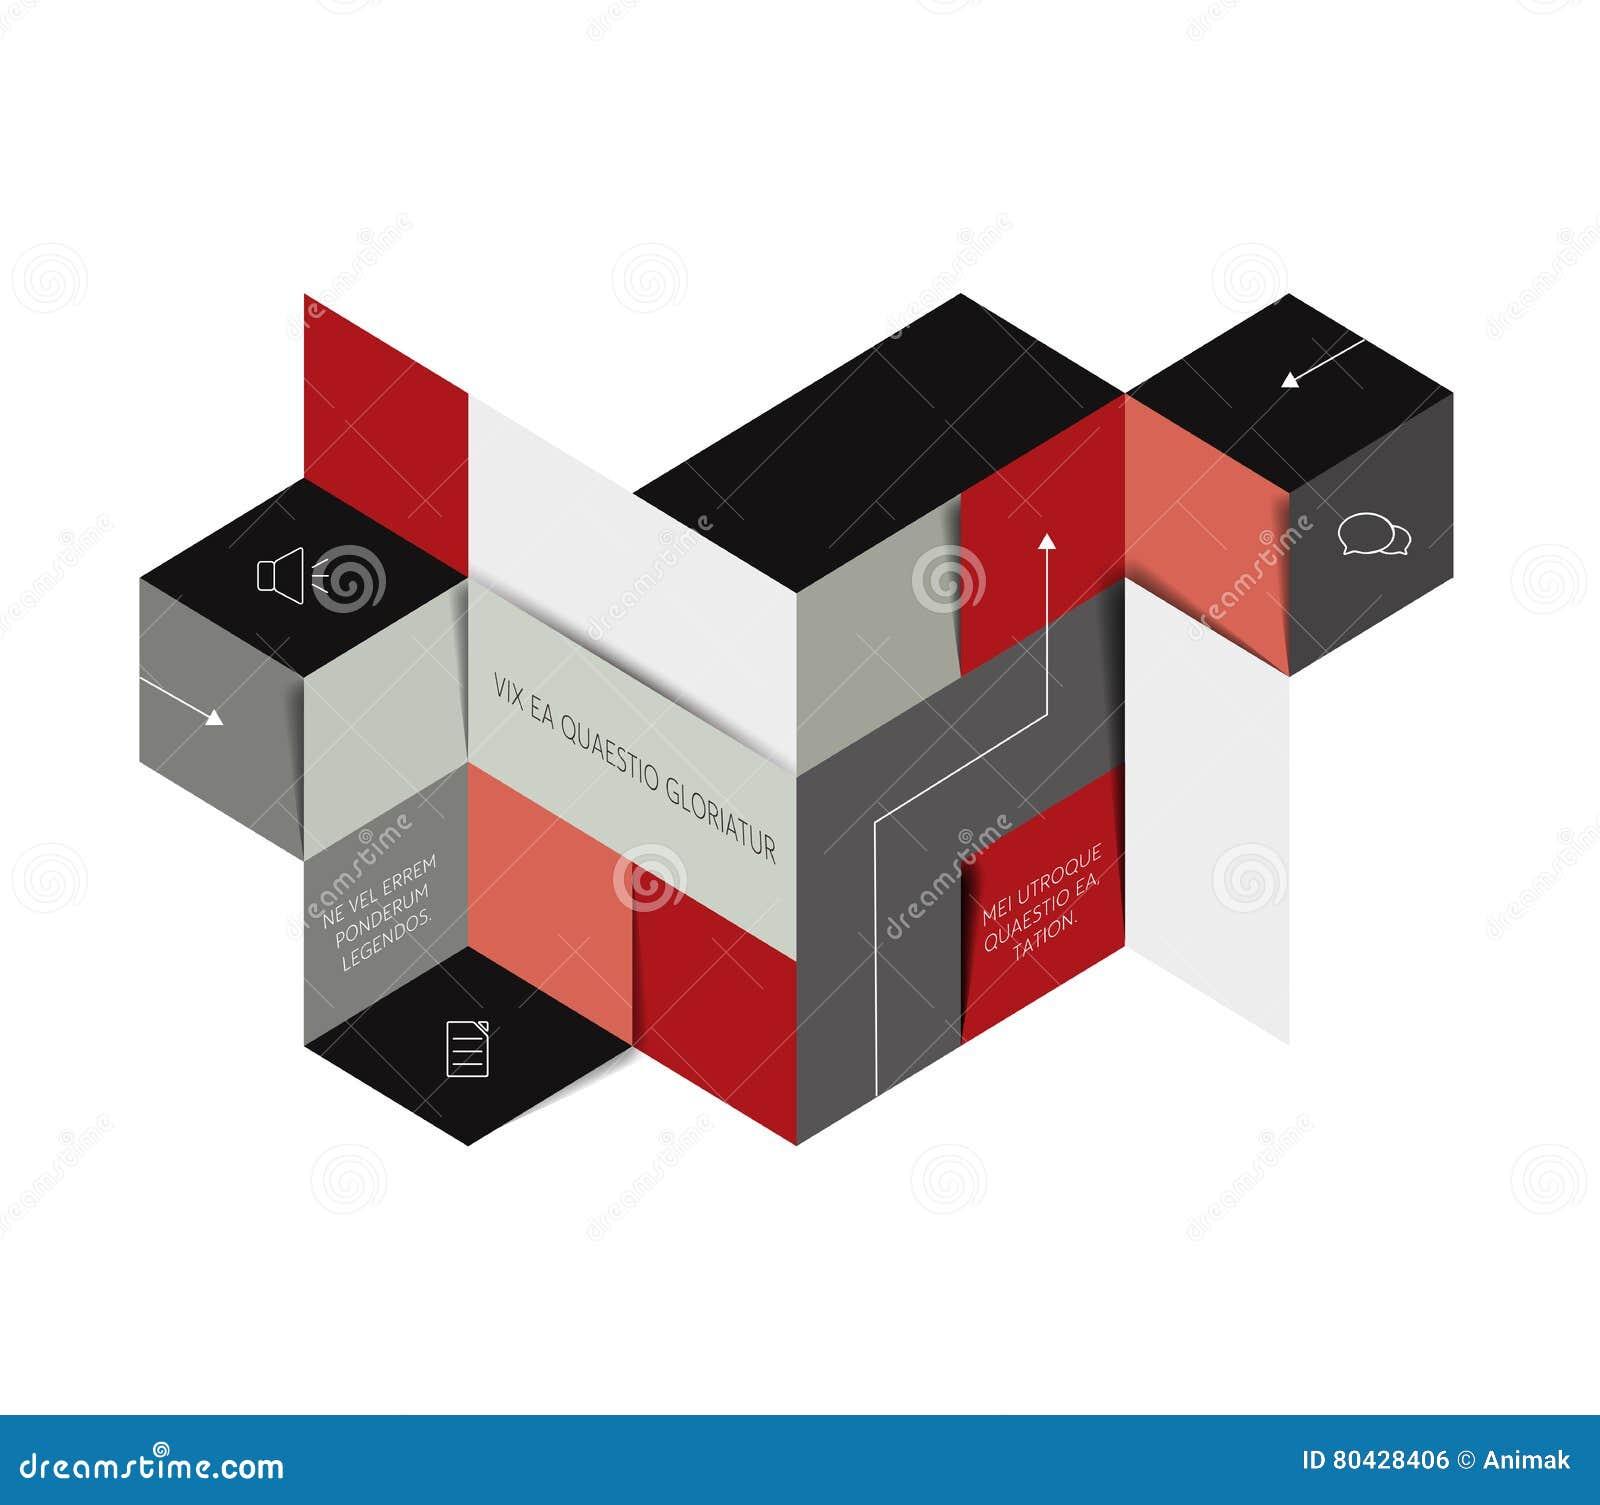 Tabella modello di programma progettazione di affari 3d for Programmi progettazione 3d